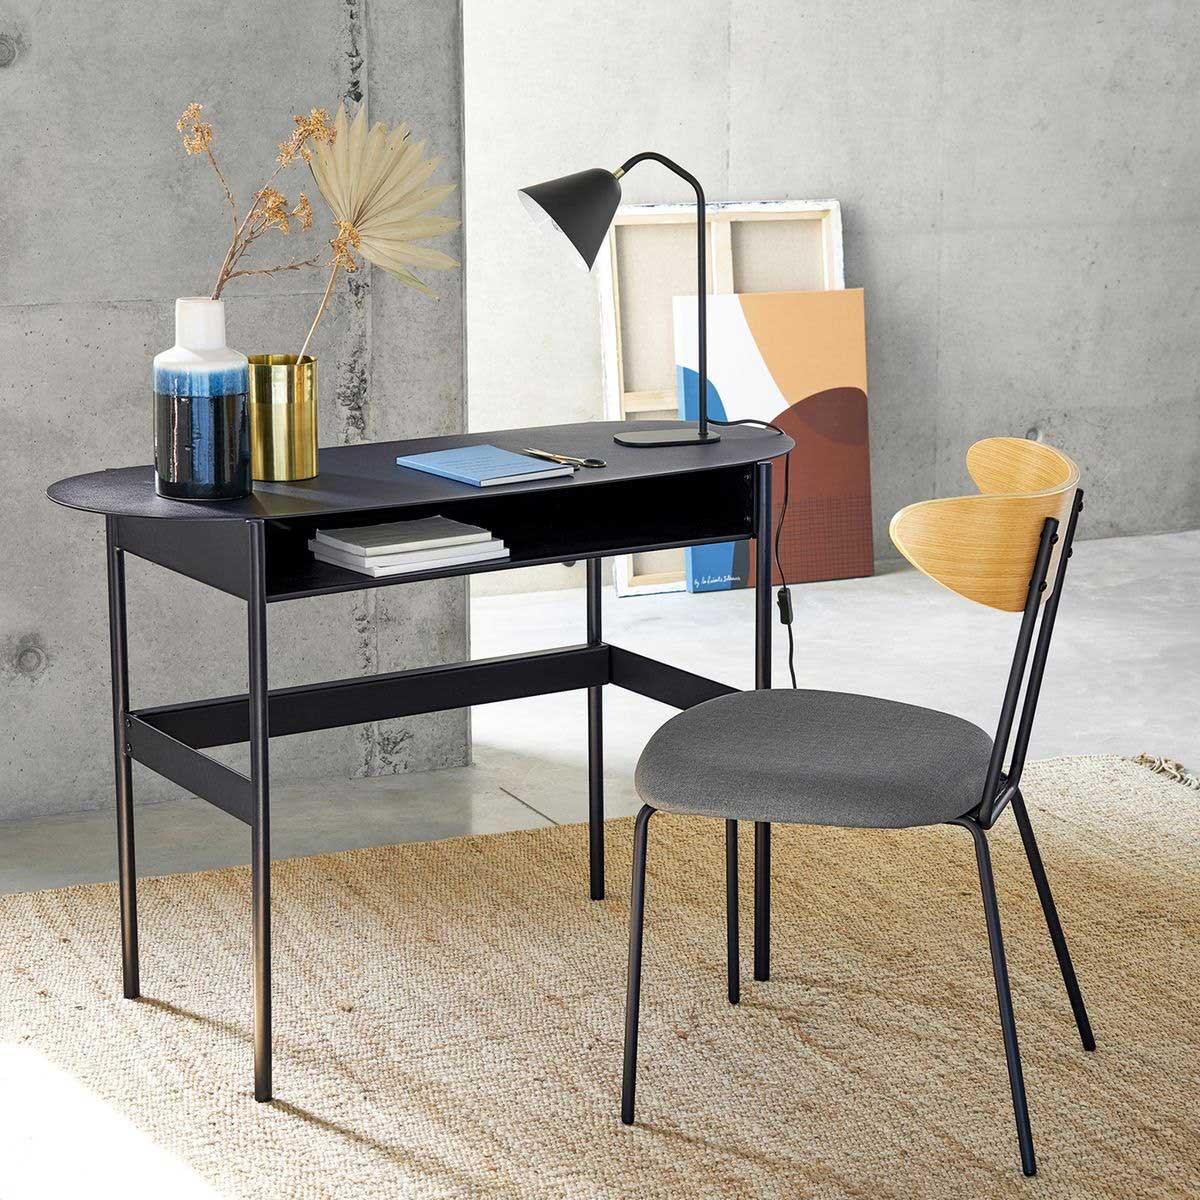 Petit bureau : 20 meubles gain de place pour petits espaces